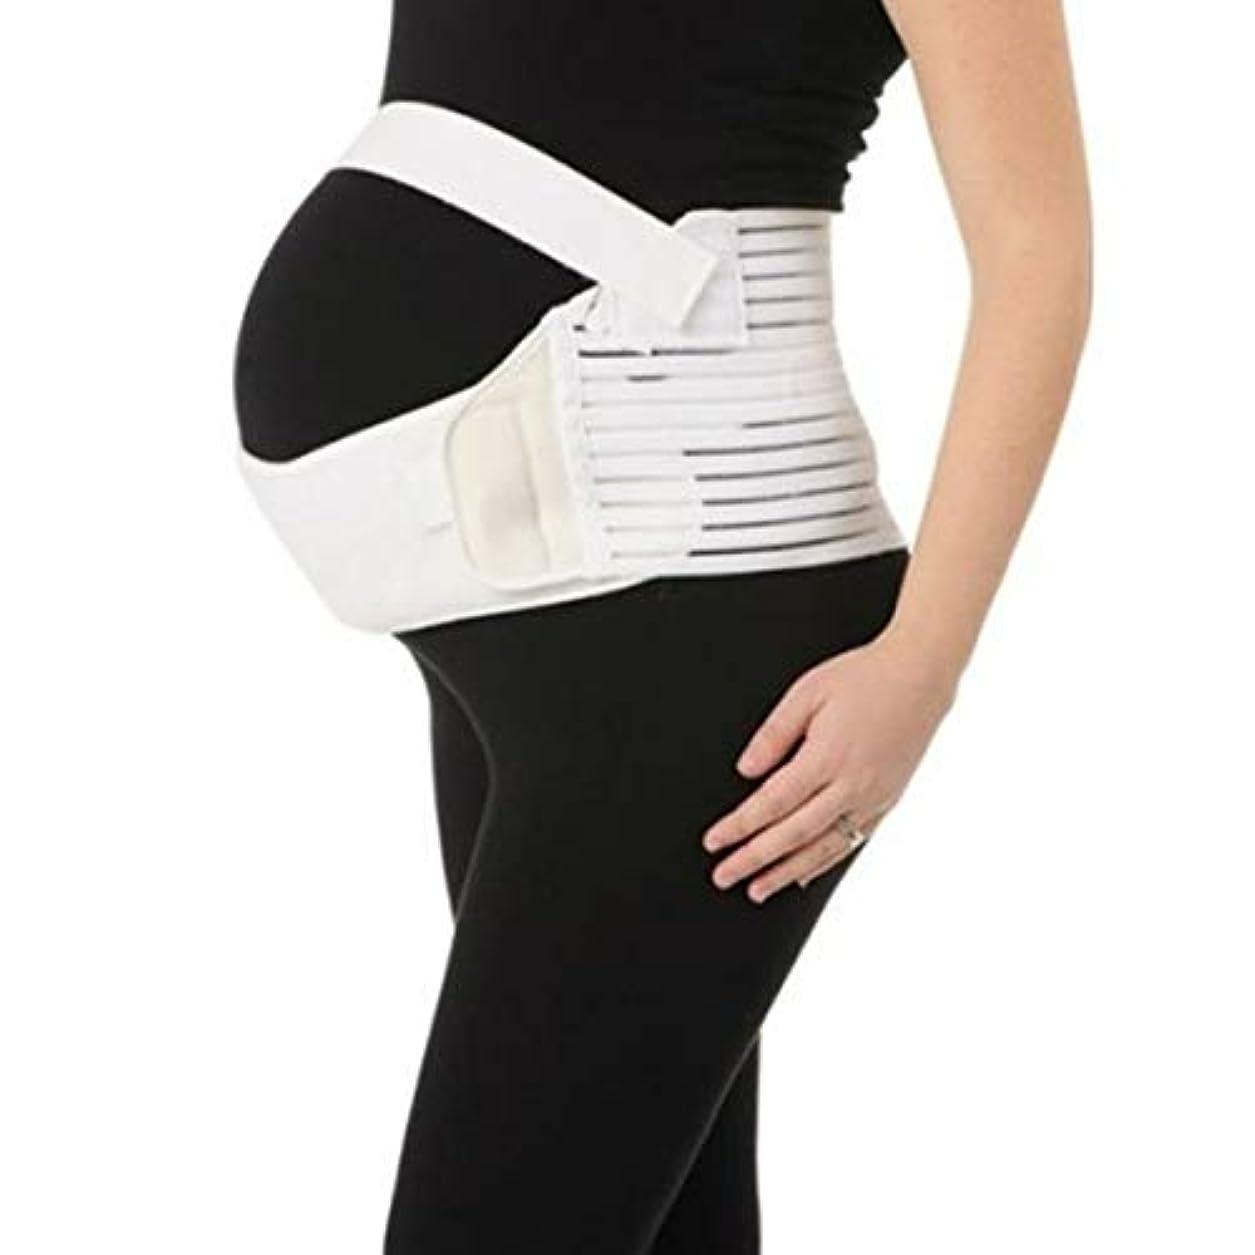 鼻瀬戸際カメラ通気性マタニティベルト妊娠腹部サポート腹部バインダーガードル運動包帯産後回復形状ウェア - ホワイトXL